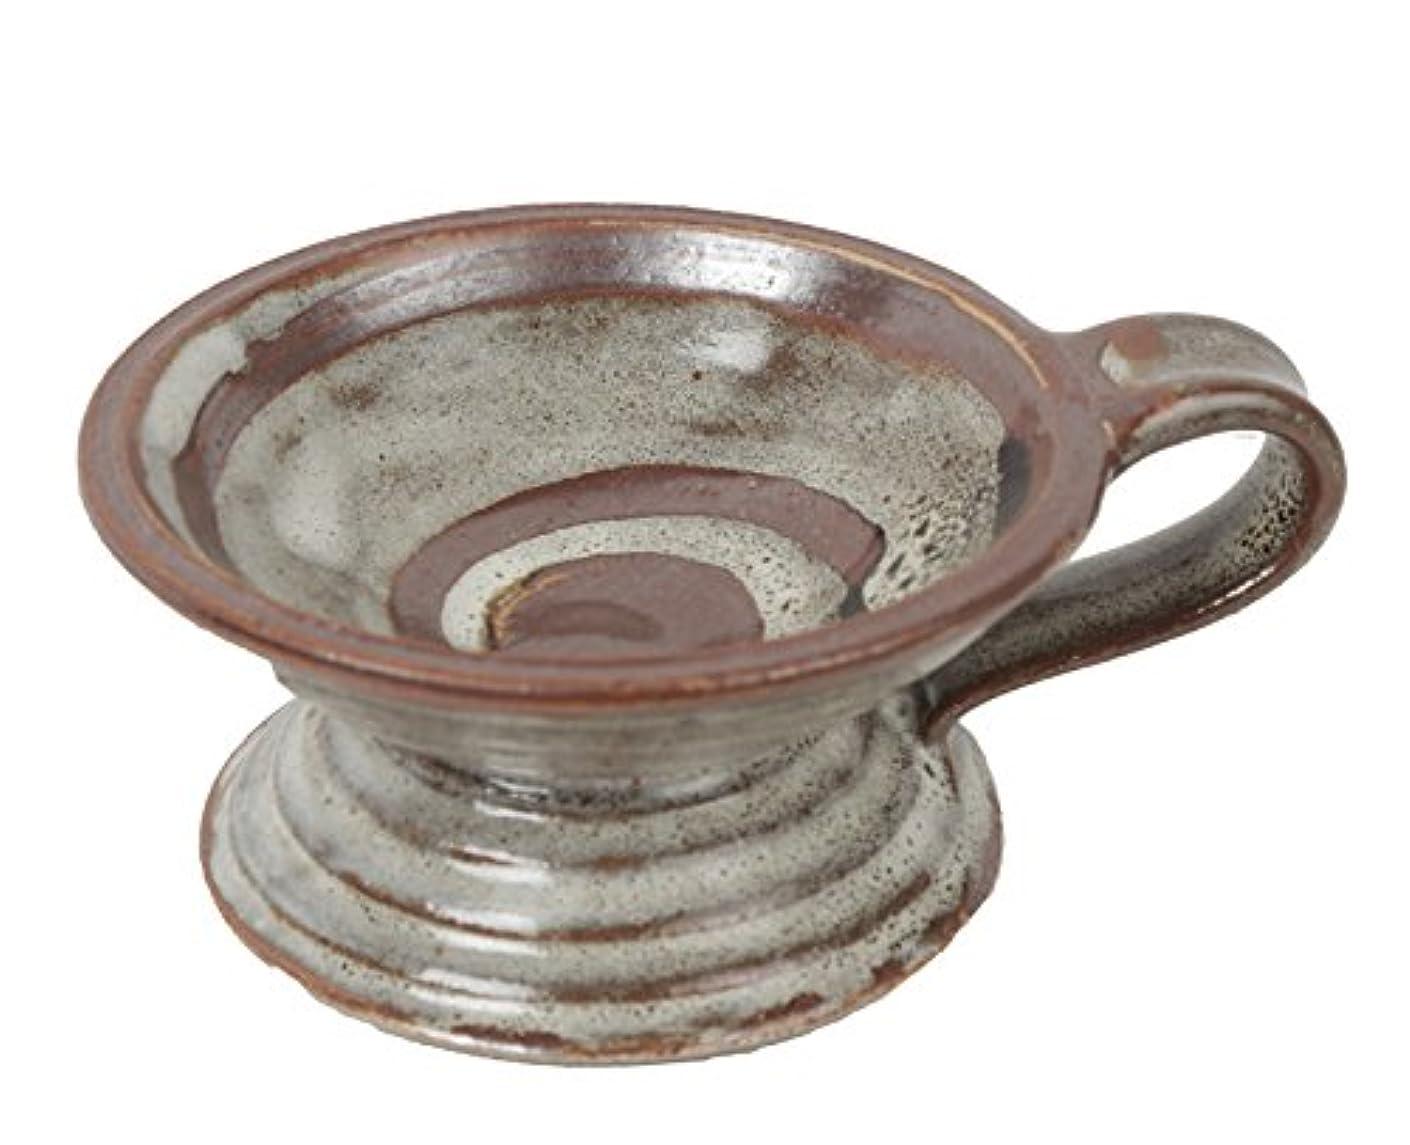 溝日大きなスケールで見るとチベットFrankincenseチャコールBurner